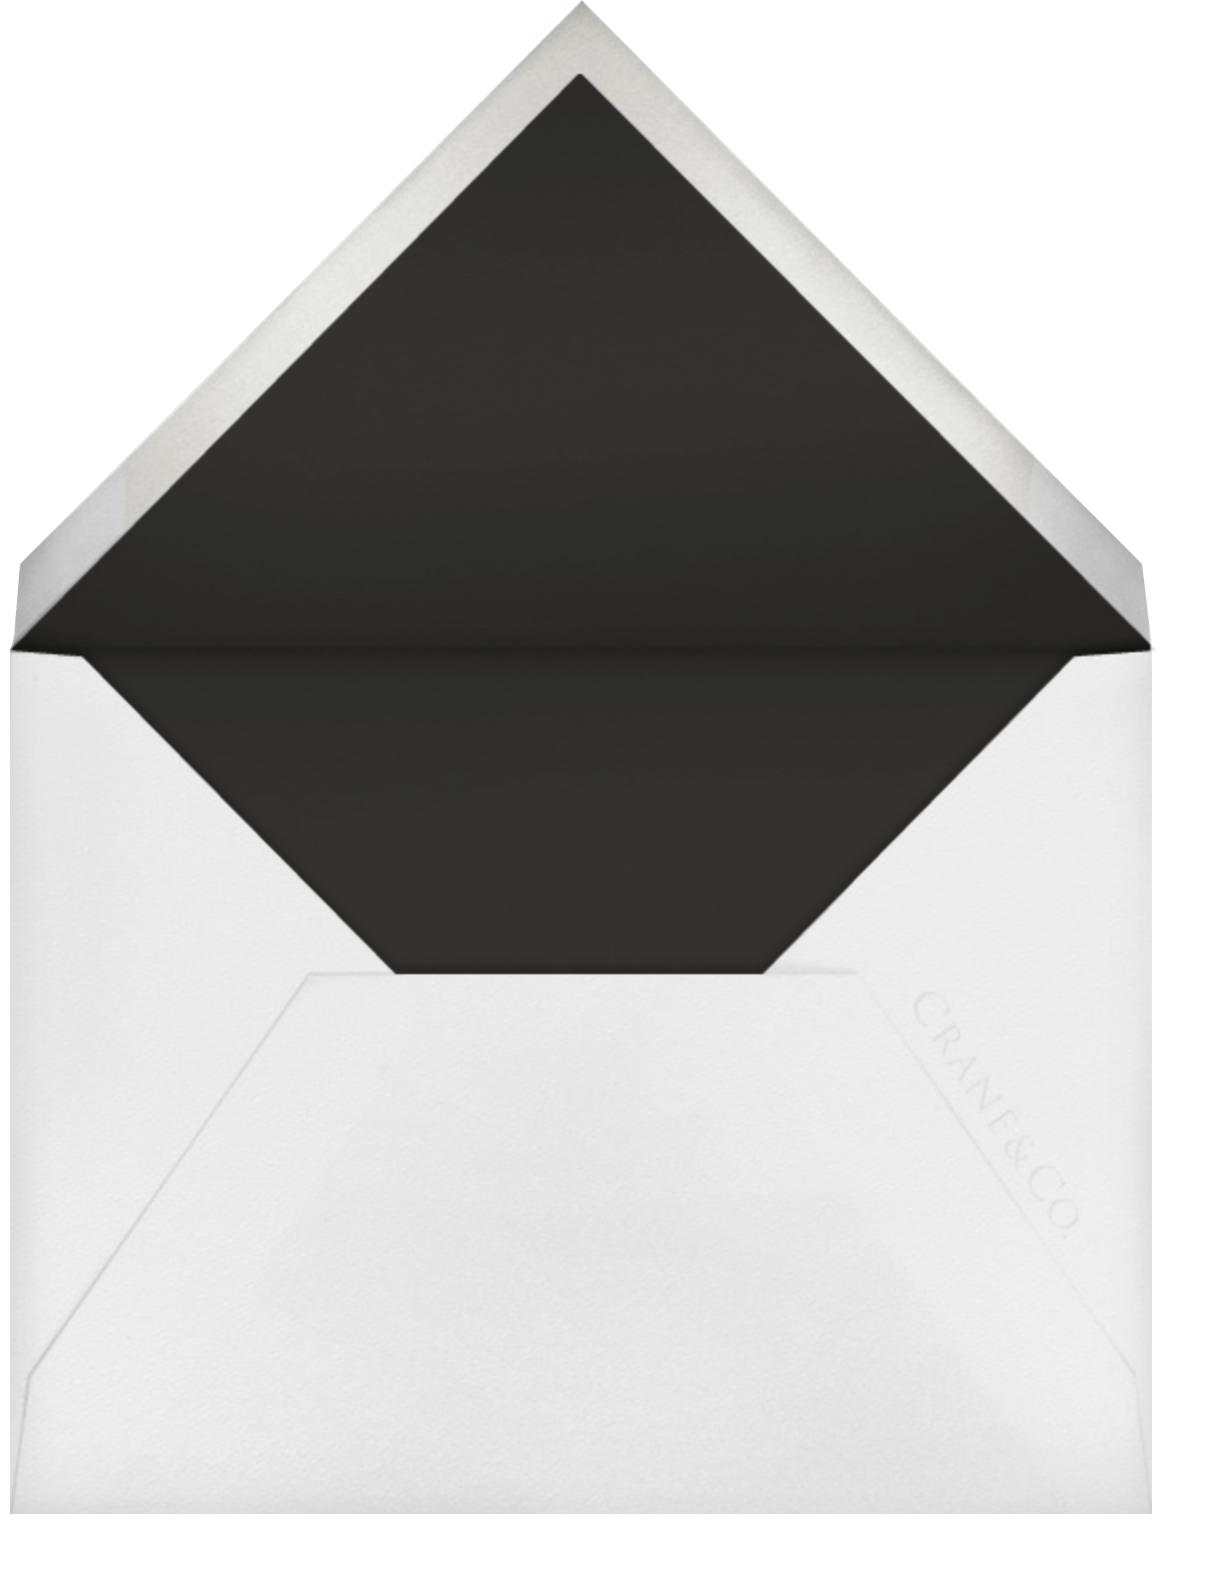 Tie the Knot (Stationery) - Black - Oscar de la Renta - Personalized stationery - envelope back